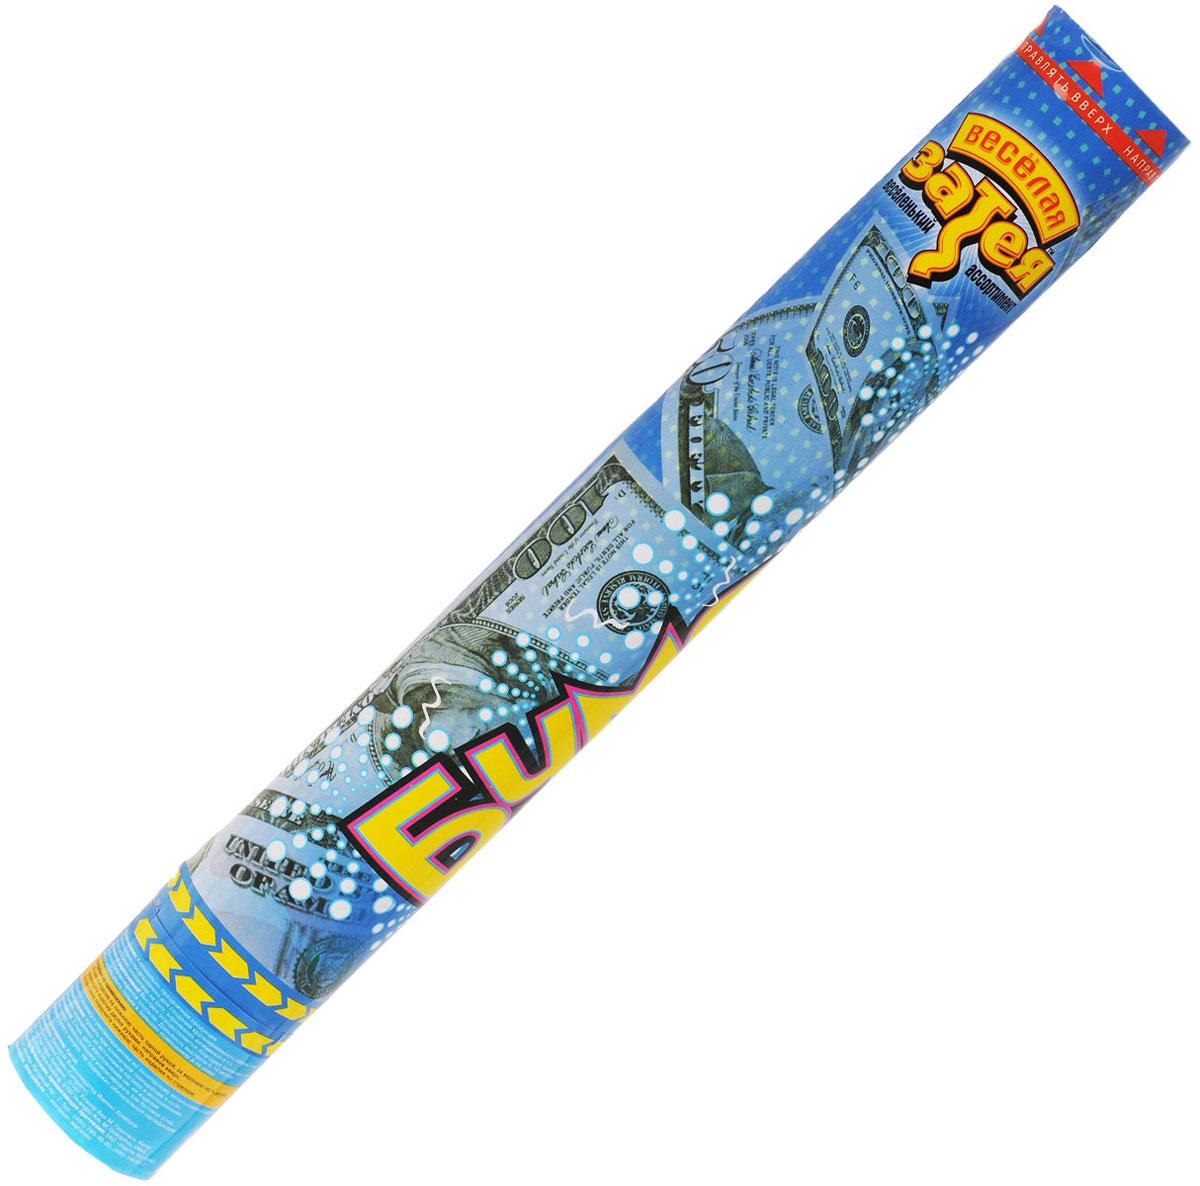 Веселая затея Пневмохлопушка  Бумфети: Денежный Дождь Бакс , длина 38 см -  Хлопушки бумфети